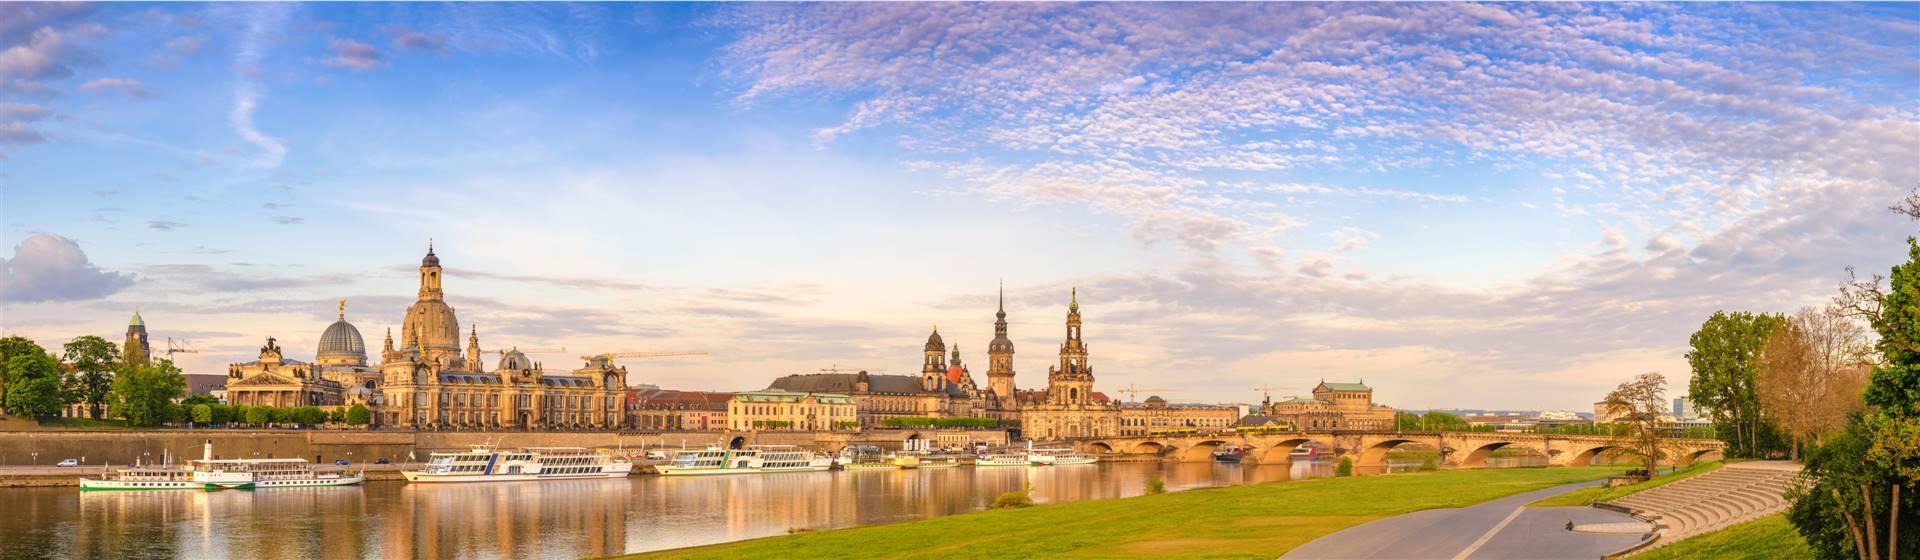 """<img src=""""dresden-shutterstock_714140509.jpeg"""" alt=""""Dresden Riverside""""/>"""